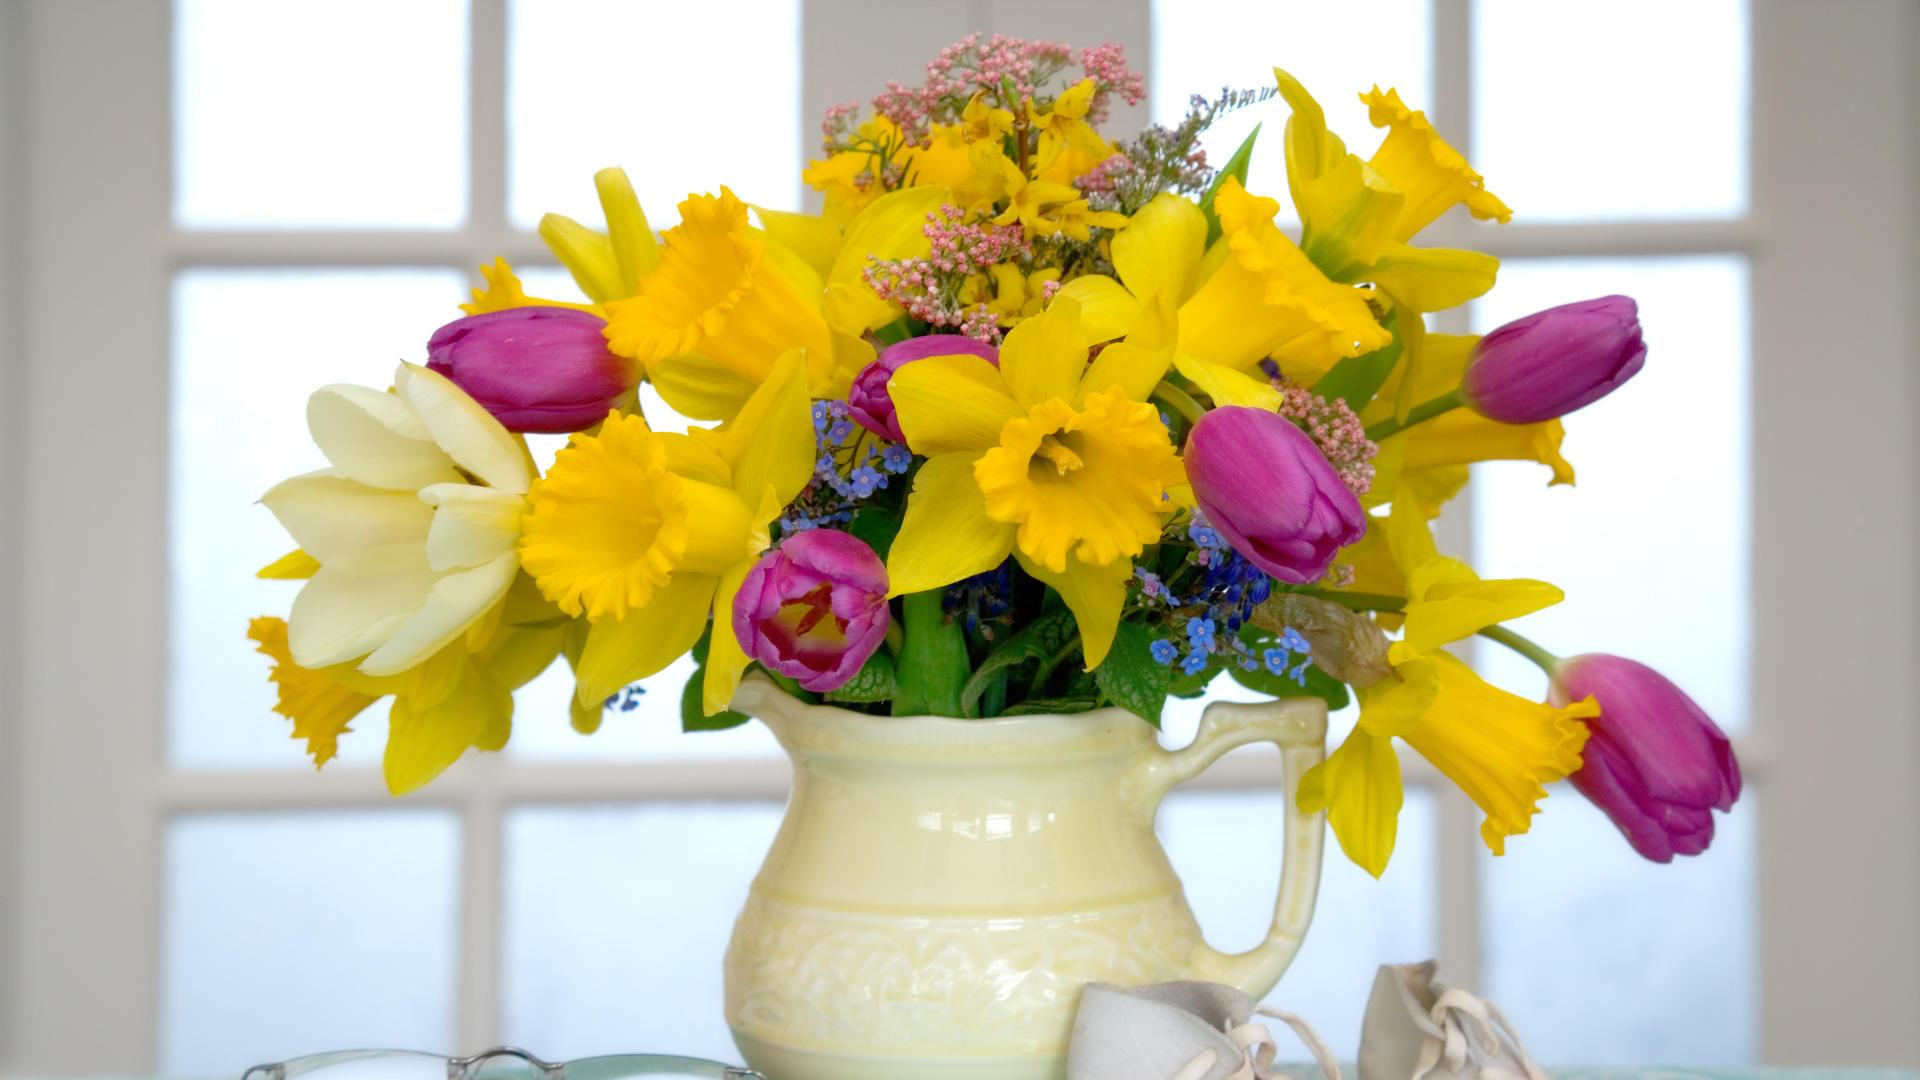 цветы ваза букет посуда flowers vase bouquet dishes  № 1733828 без смс